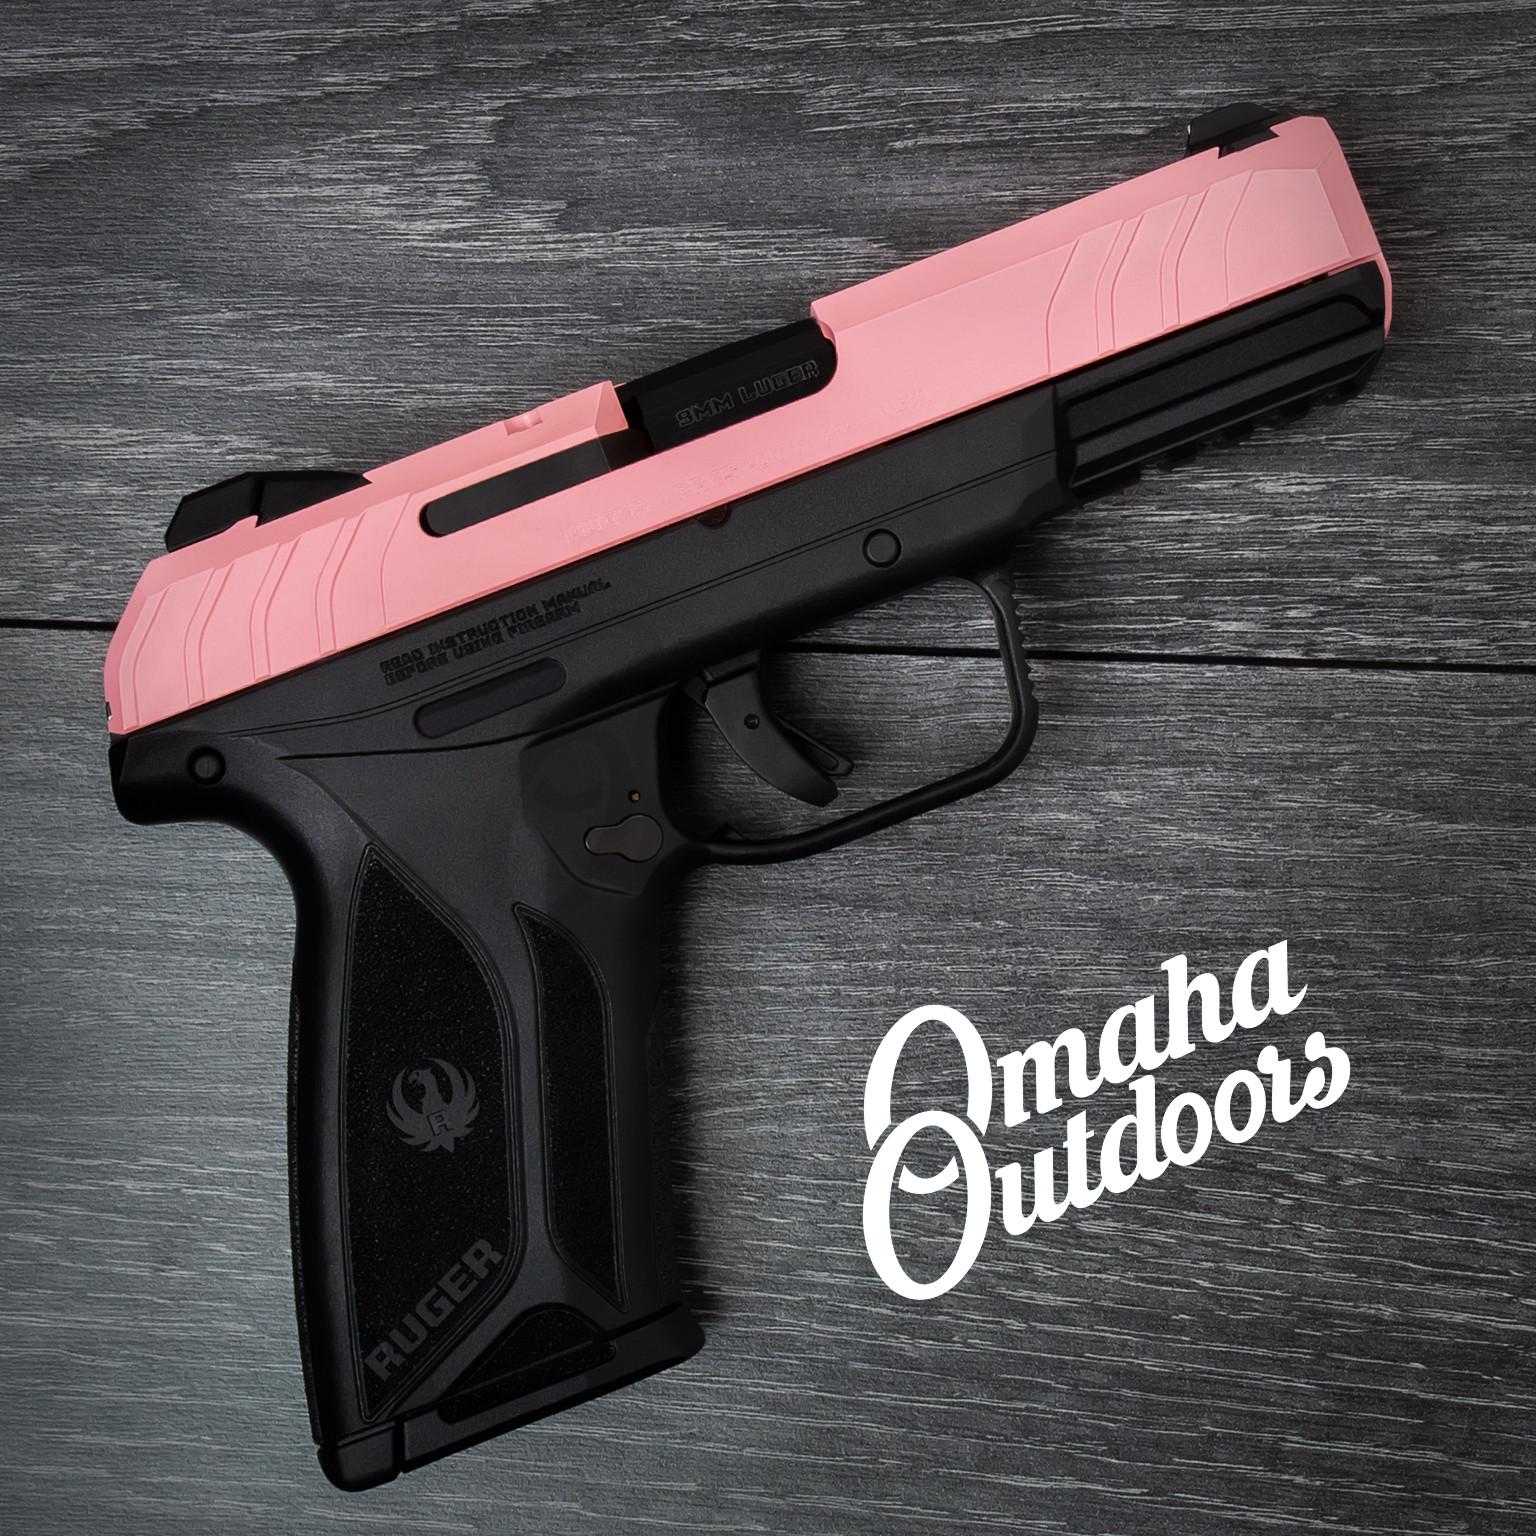 Ruger Security-9 Pistol 9mm Victoria Pink Slide 15 RD 3810-VPK-SL